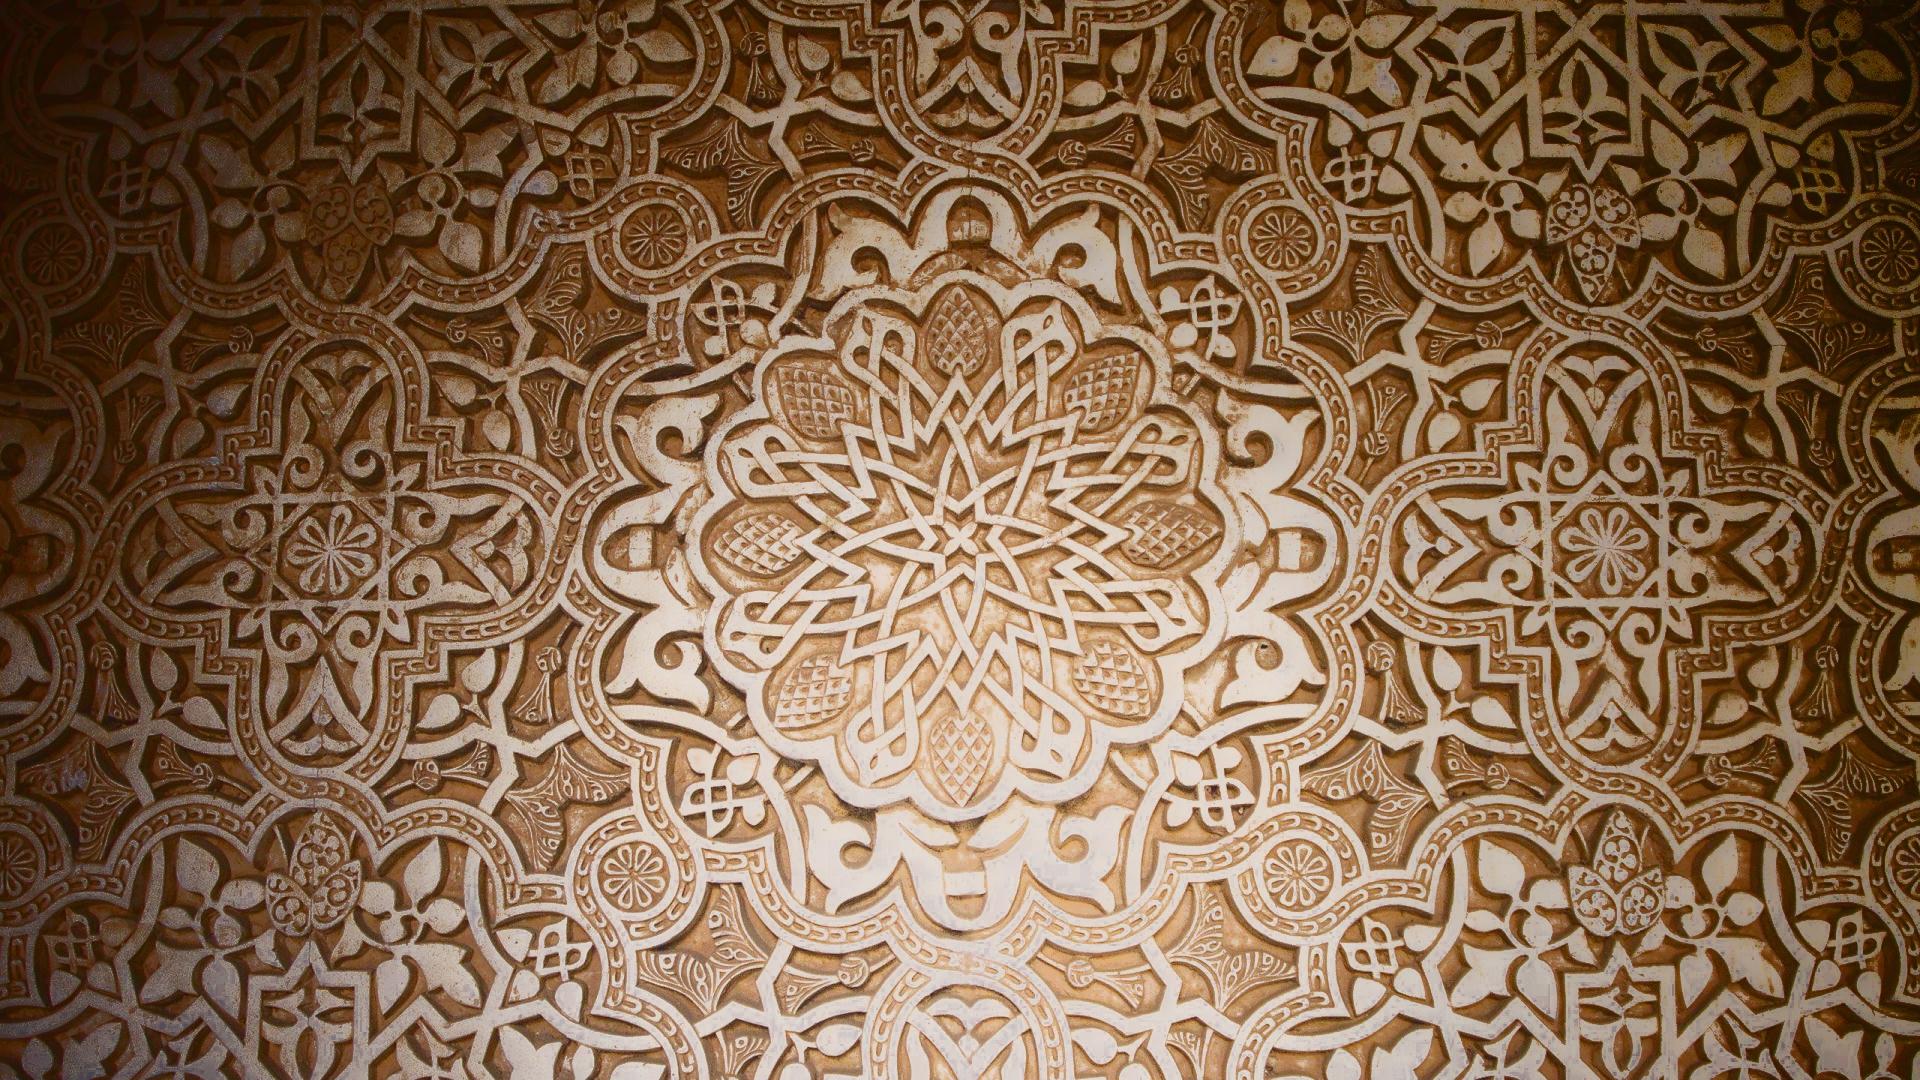 1920x1080 Px Arabian Dark Design Islamic Mosaic Ottoman Pattern Stars